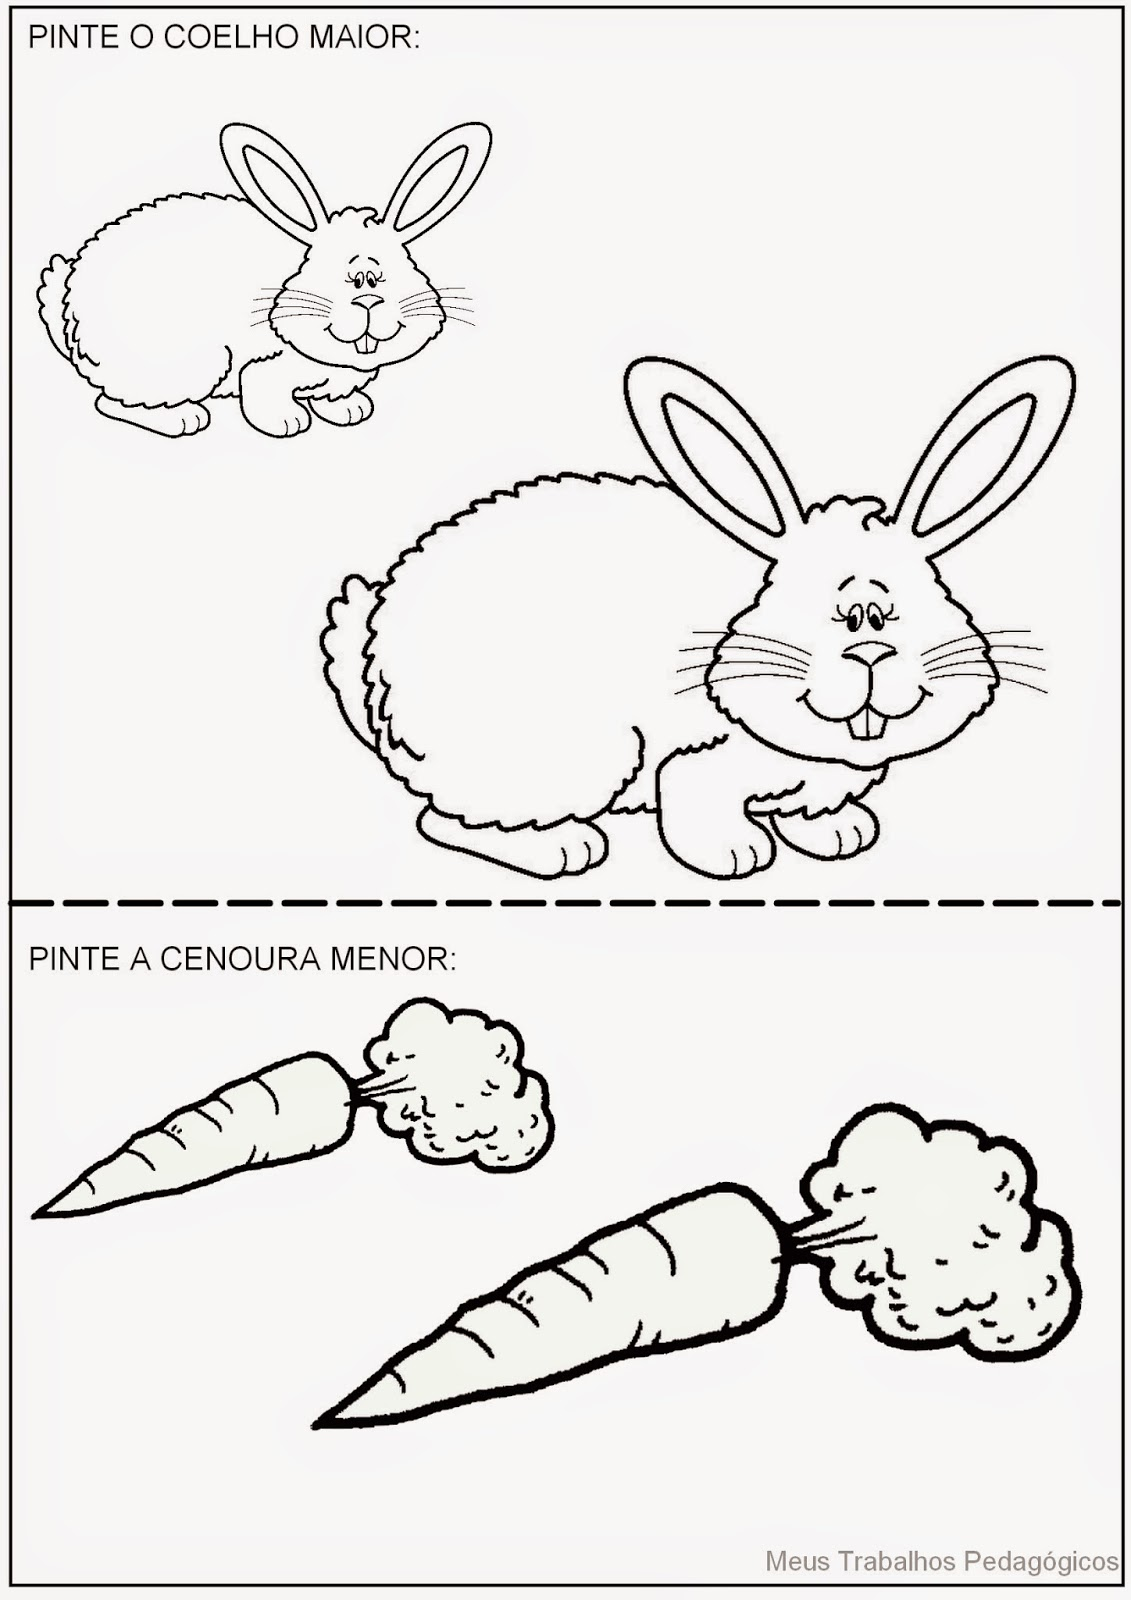 Meus Trabalhos Pedagógicos ®: Atividade coelho e cenoura - maior e ...